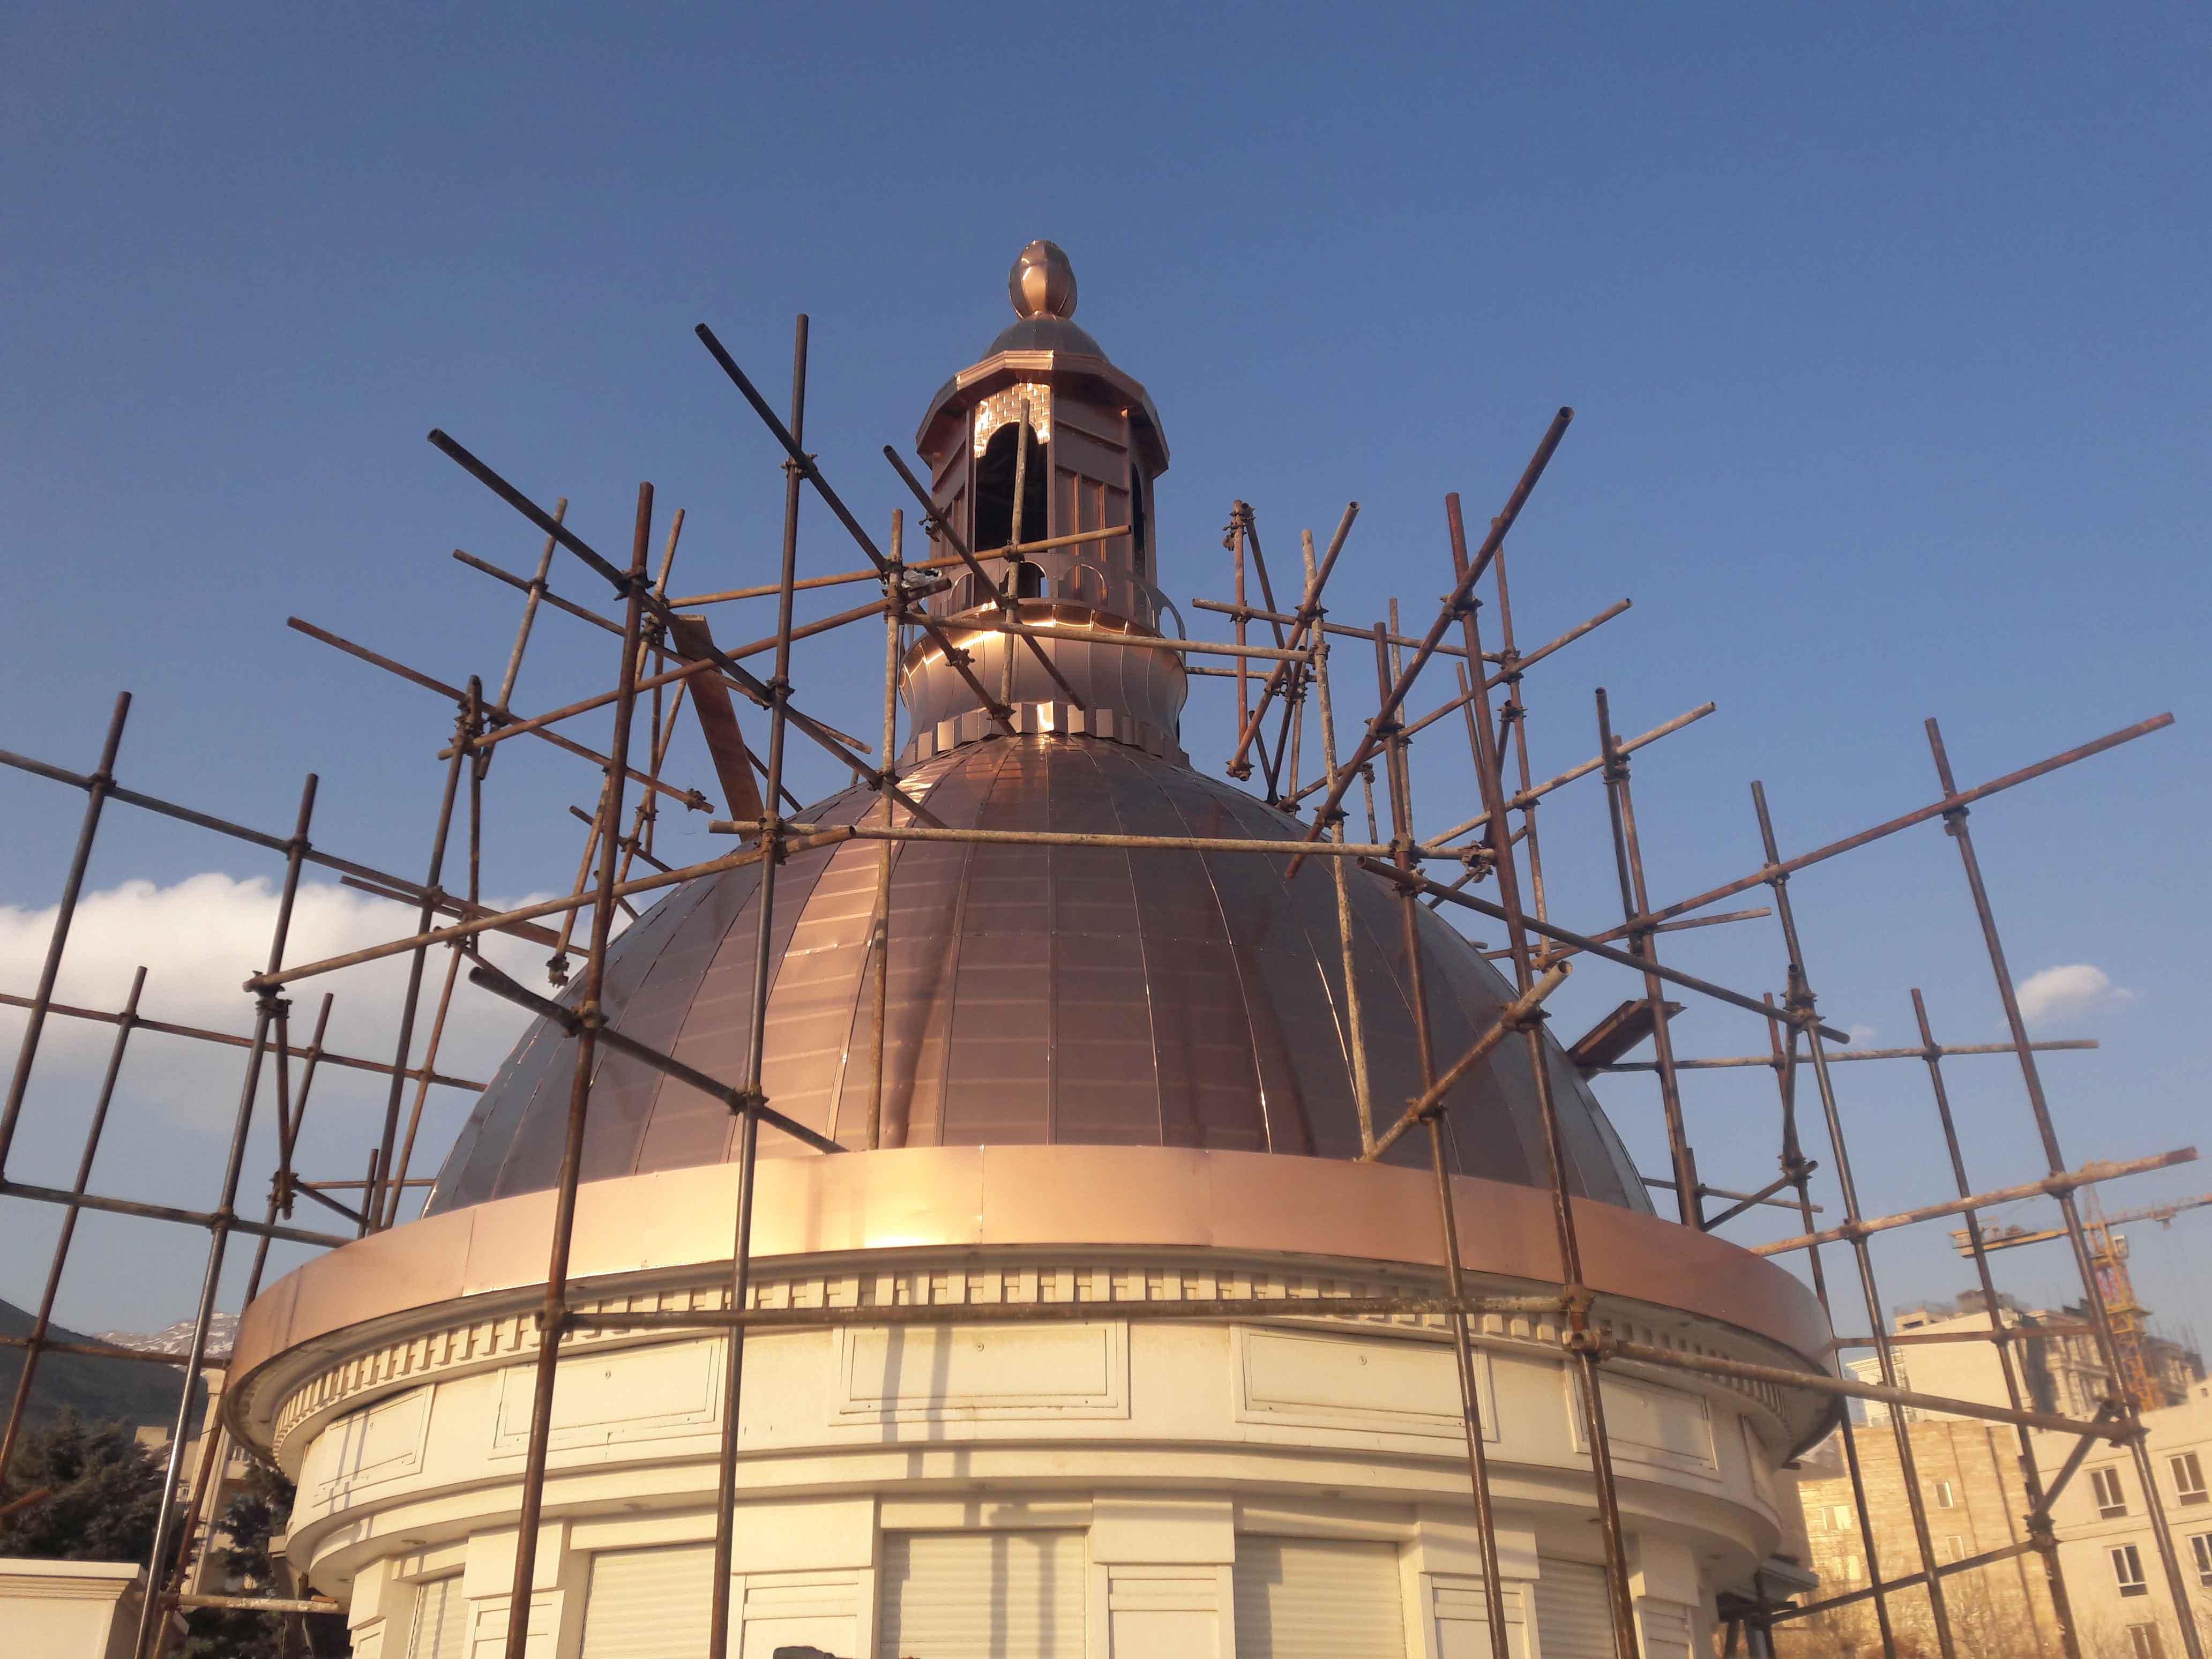 پروژه ساخت گنبد ساختمانی نیاوران